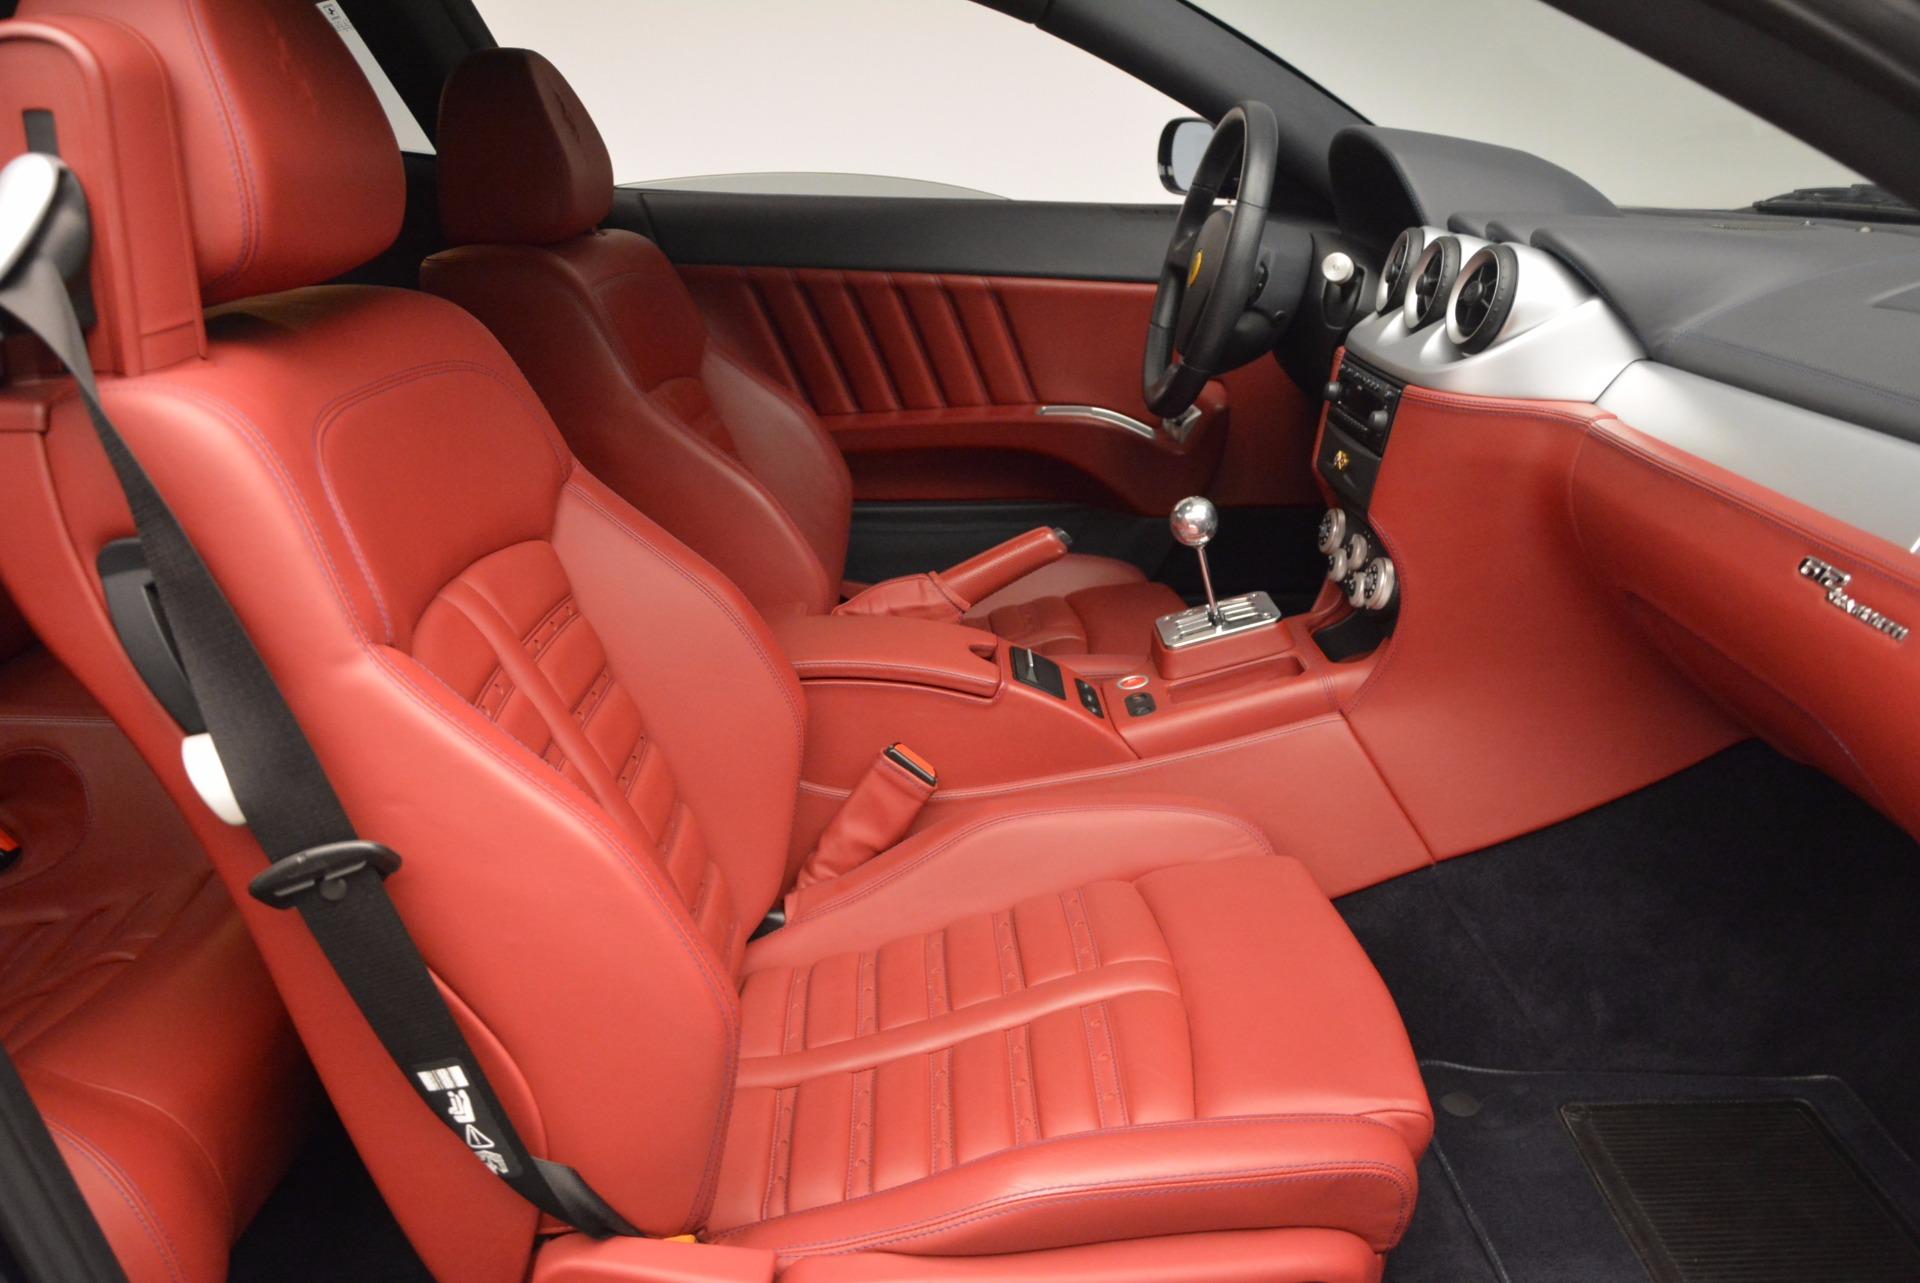 Used 2005 Ferrari 612 Scaglietti 6-Speed Manual For Sale In Greenwich, CT. Alfa Romeo of Greenwich, 4356 854_p19